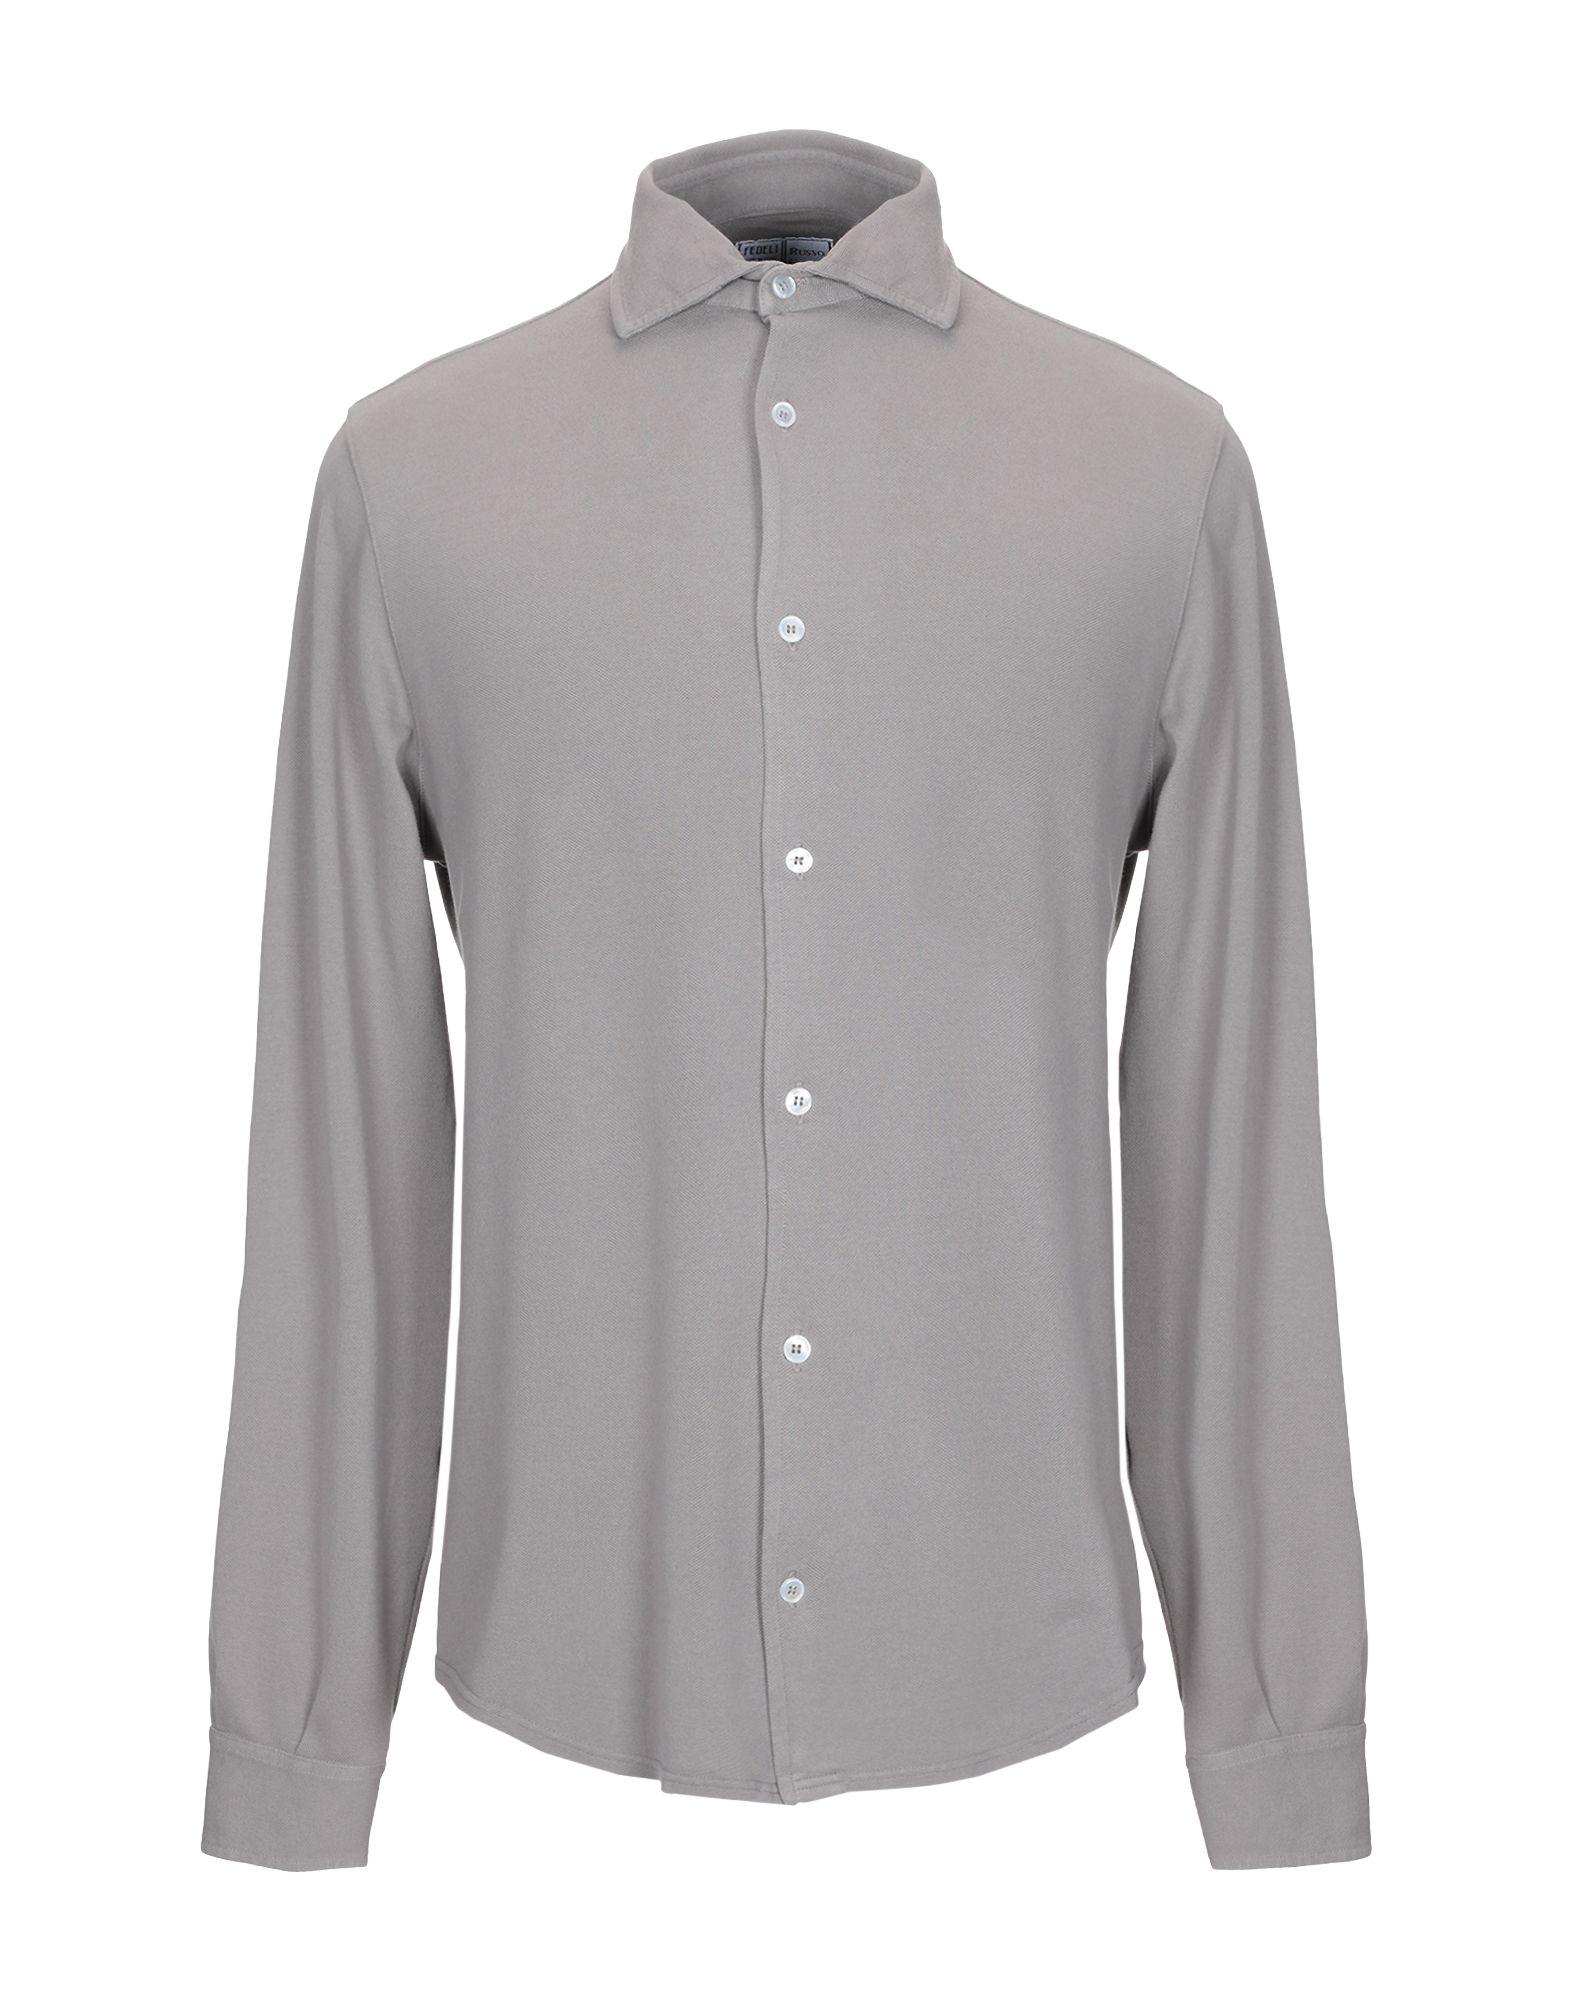 《期間限定セール中》FEDELI メンズ シャツ ドーブグレー 54 コットン 100%